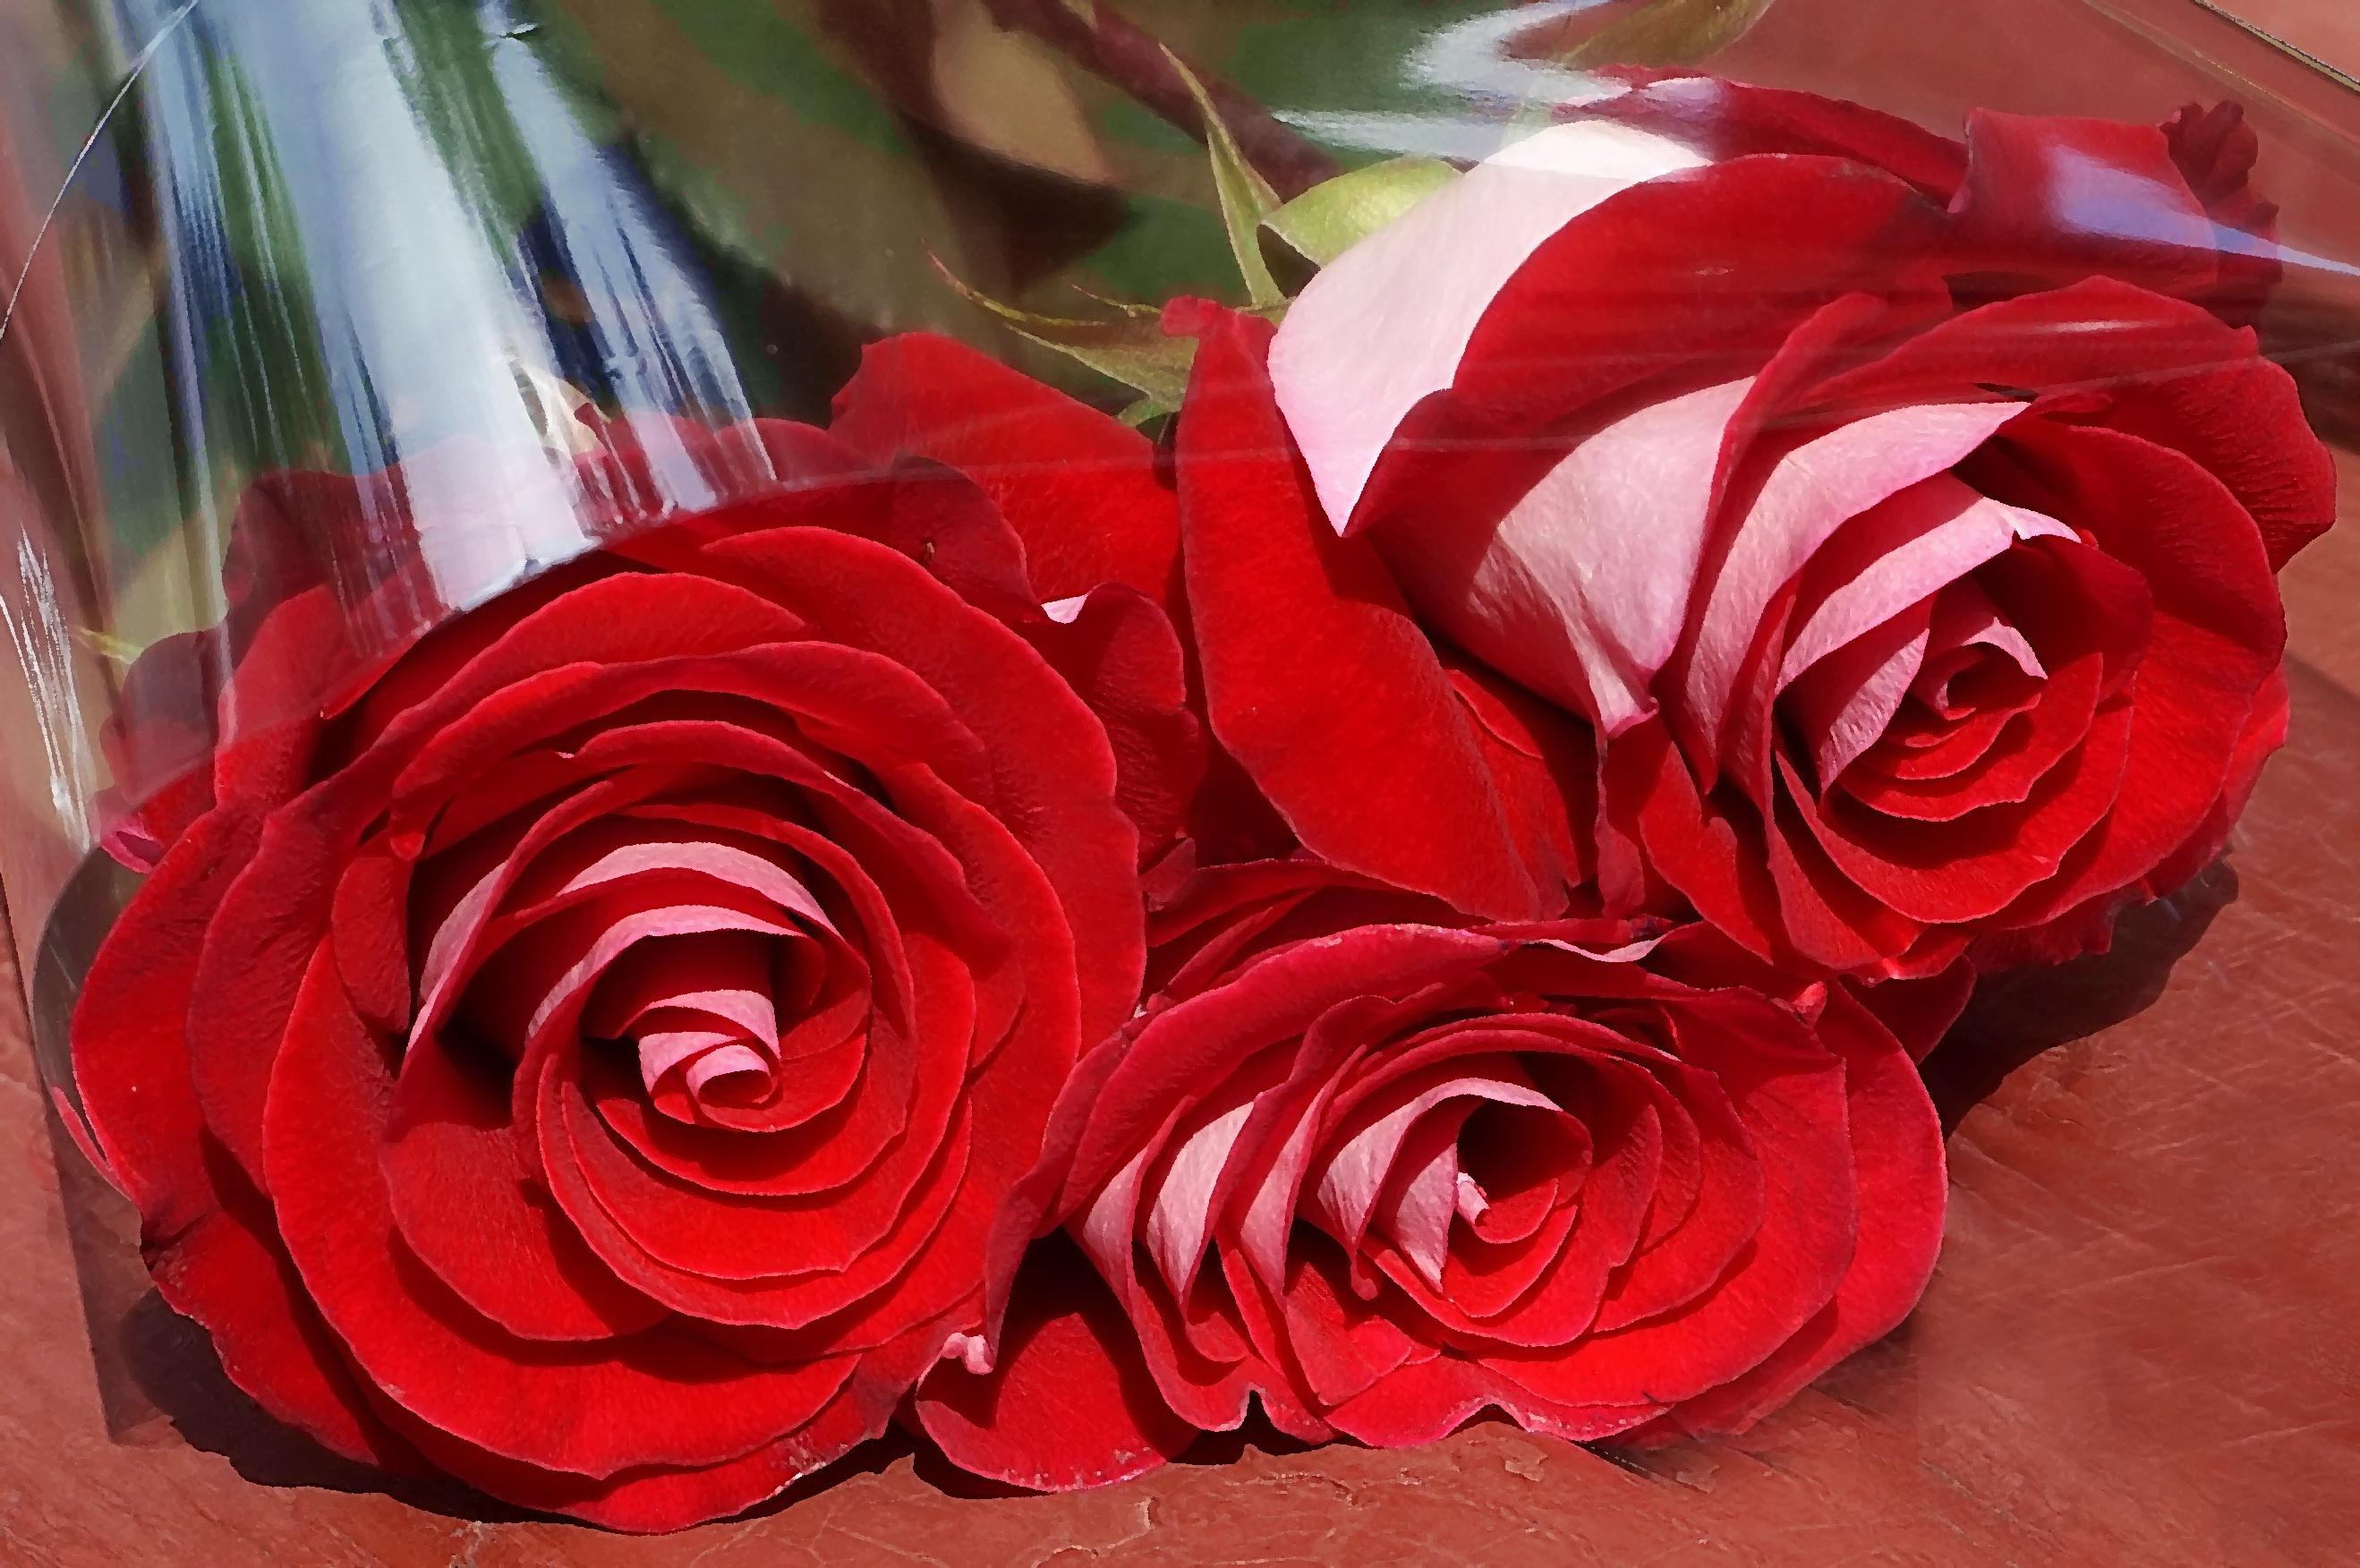 Открытки букеты из роз или просто одиночные розы - 3D галерея 100